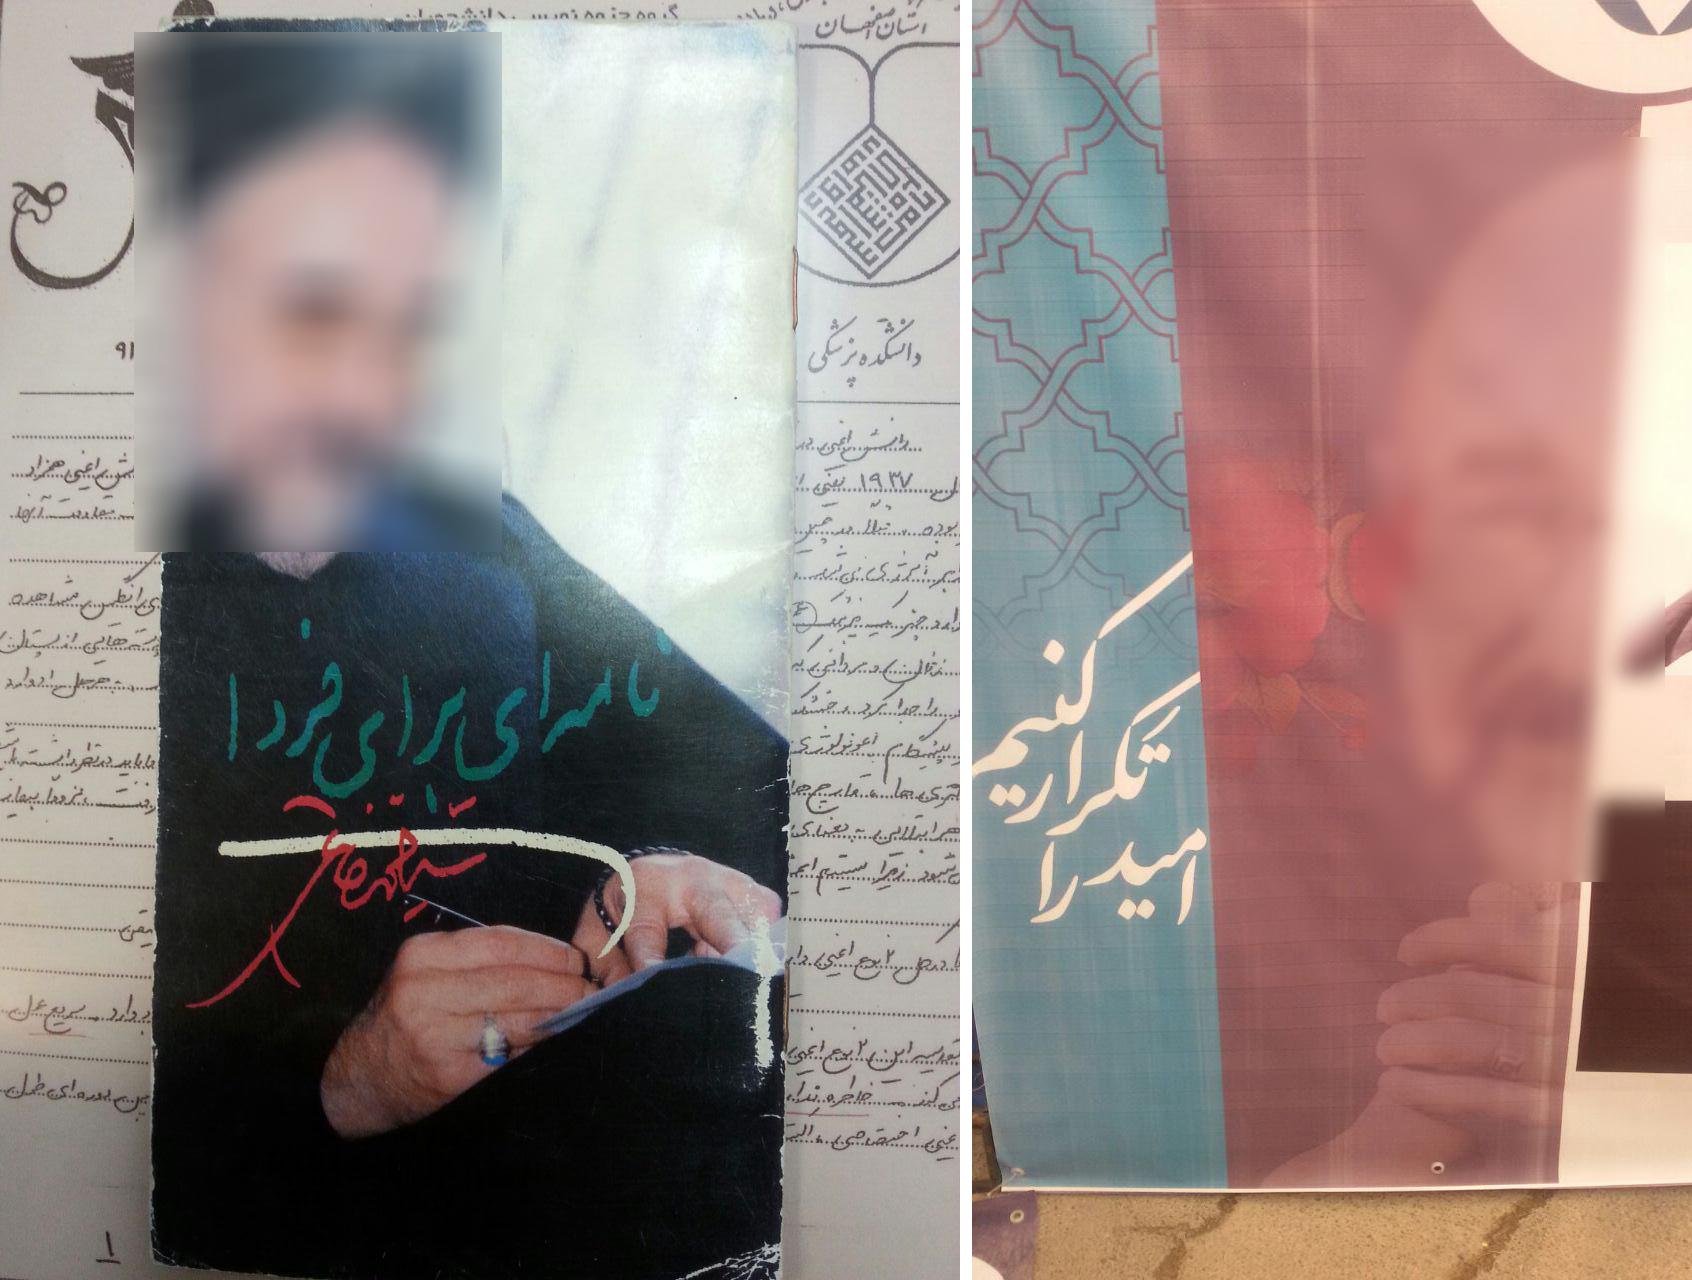 قانون گریزانی که در مبدا هویت کشور جولان میدهند/ پروژه تطهیرفتنهگران به دانشگاه علوم پزشکی اصفهان رسید + تصویر